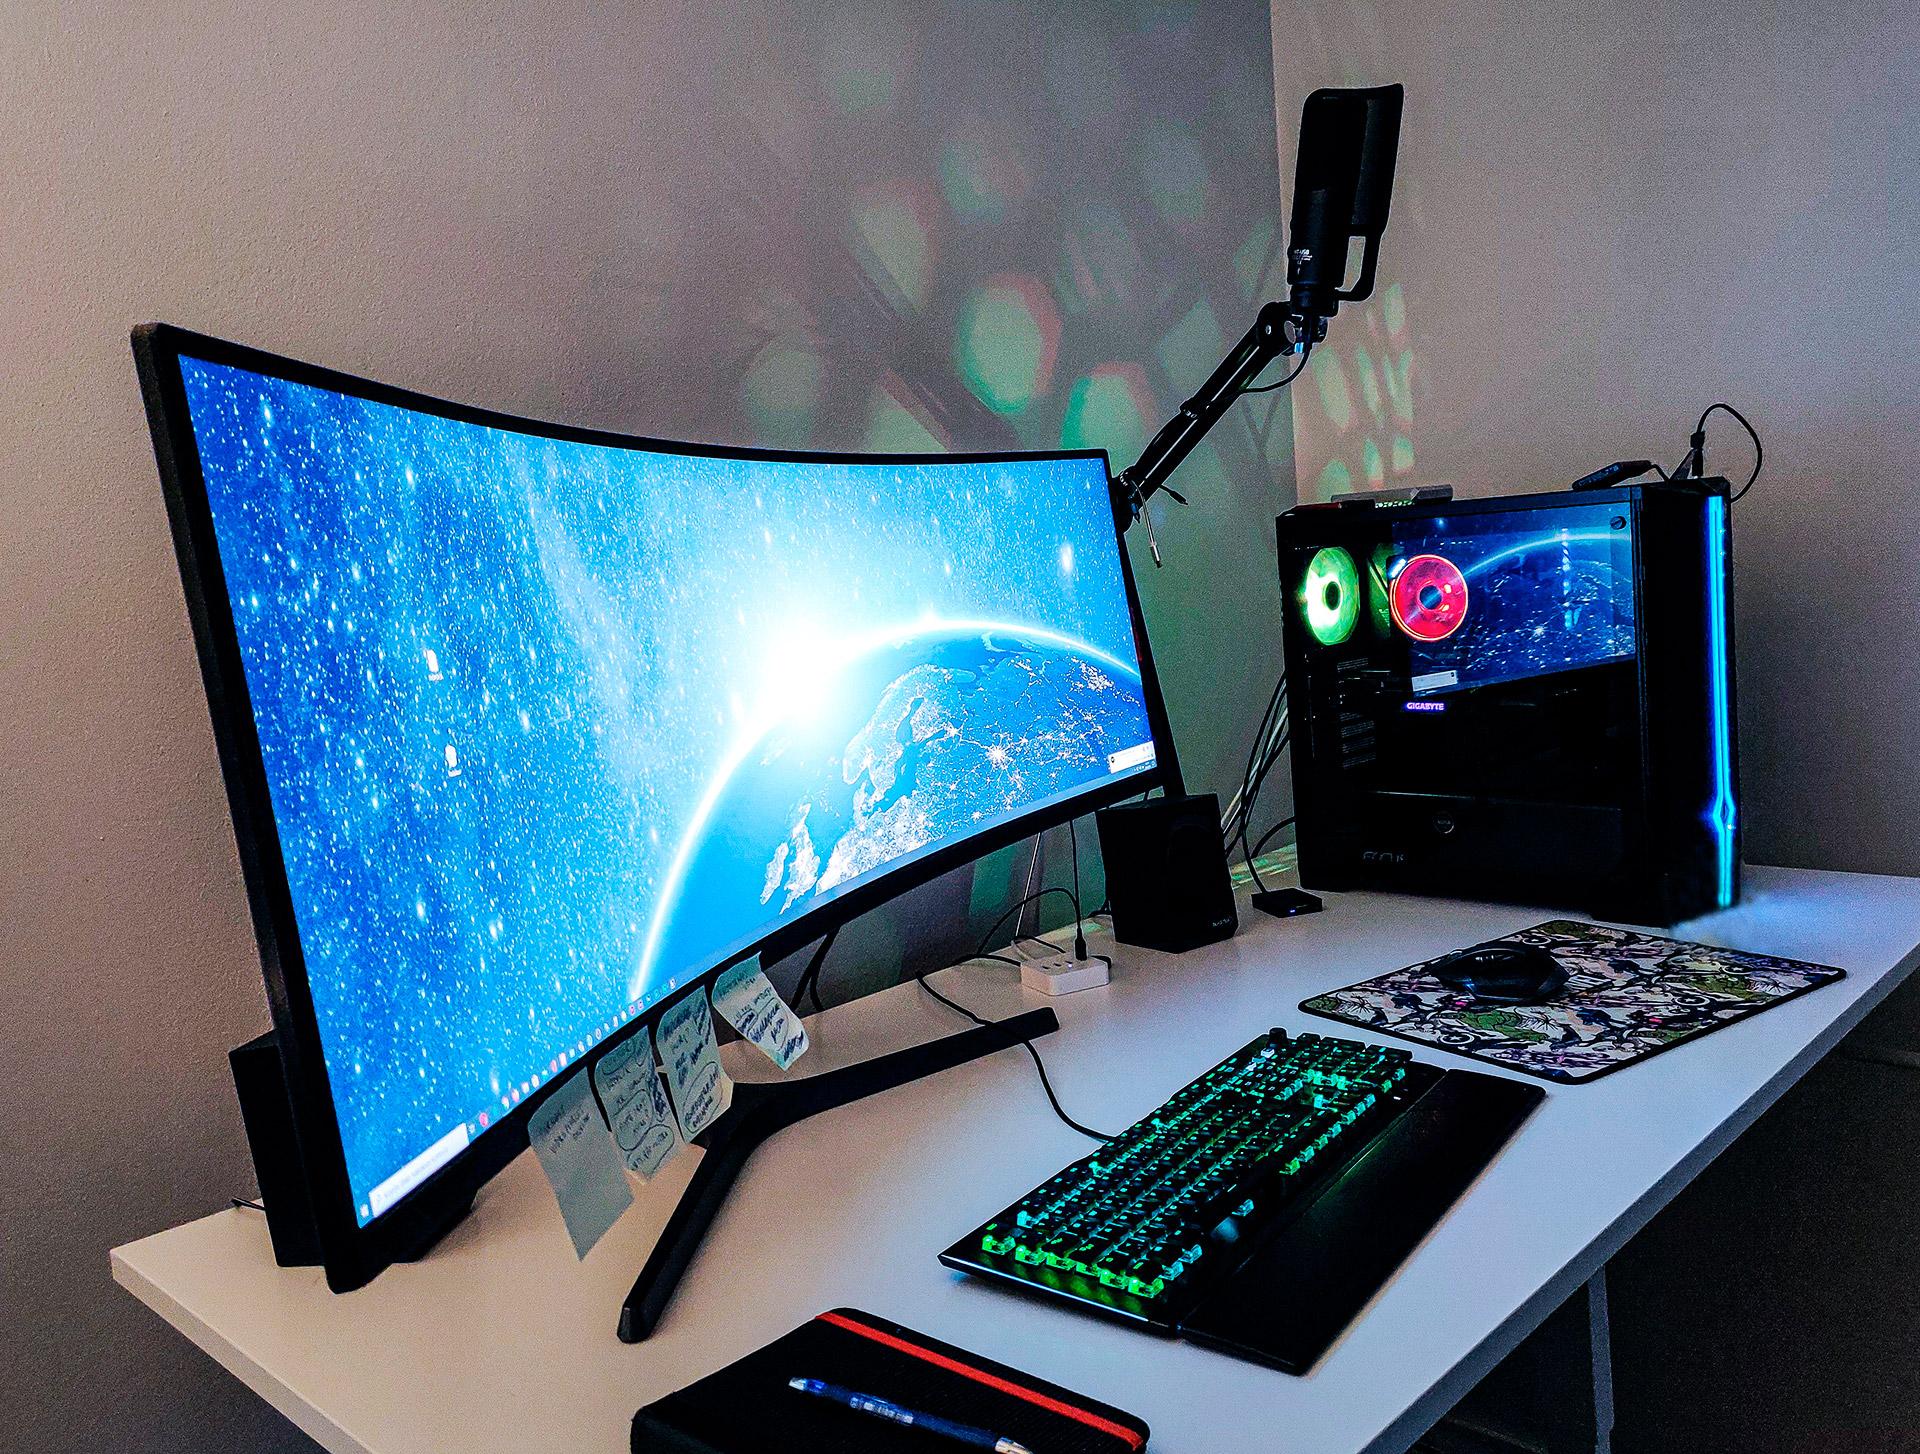 Videoeditointi-tietokone-2020-amd-ryzen-3700x-gigabyte-radeon-rx-5700-xt-kuvankäsittely